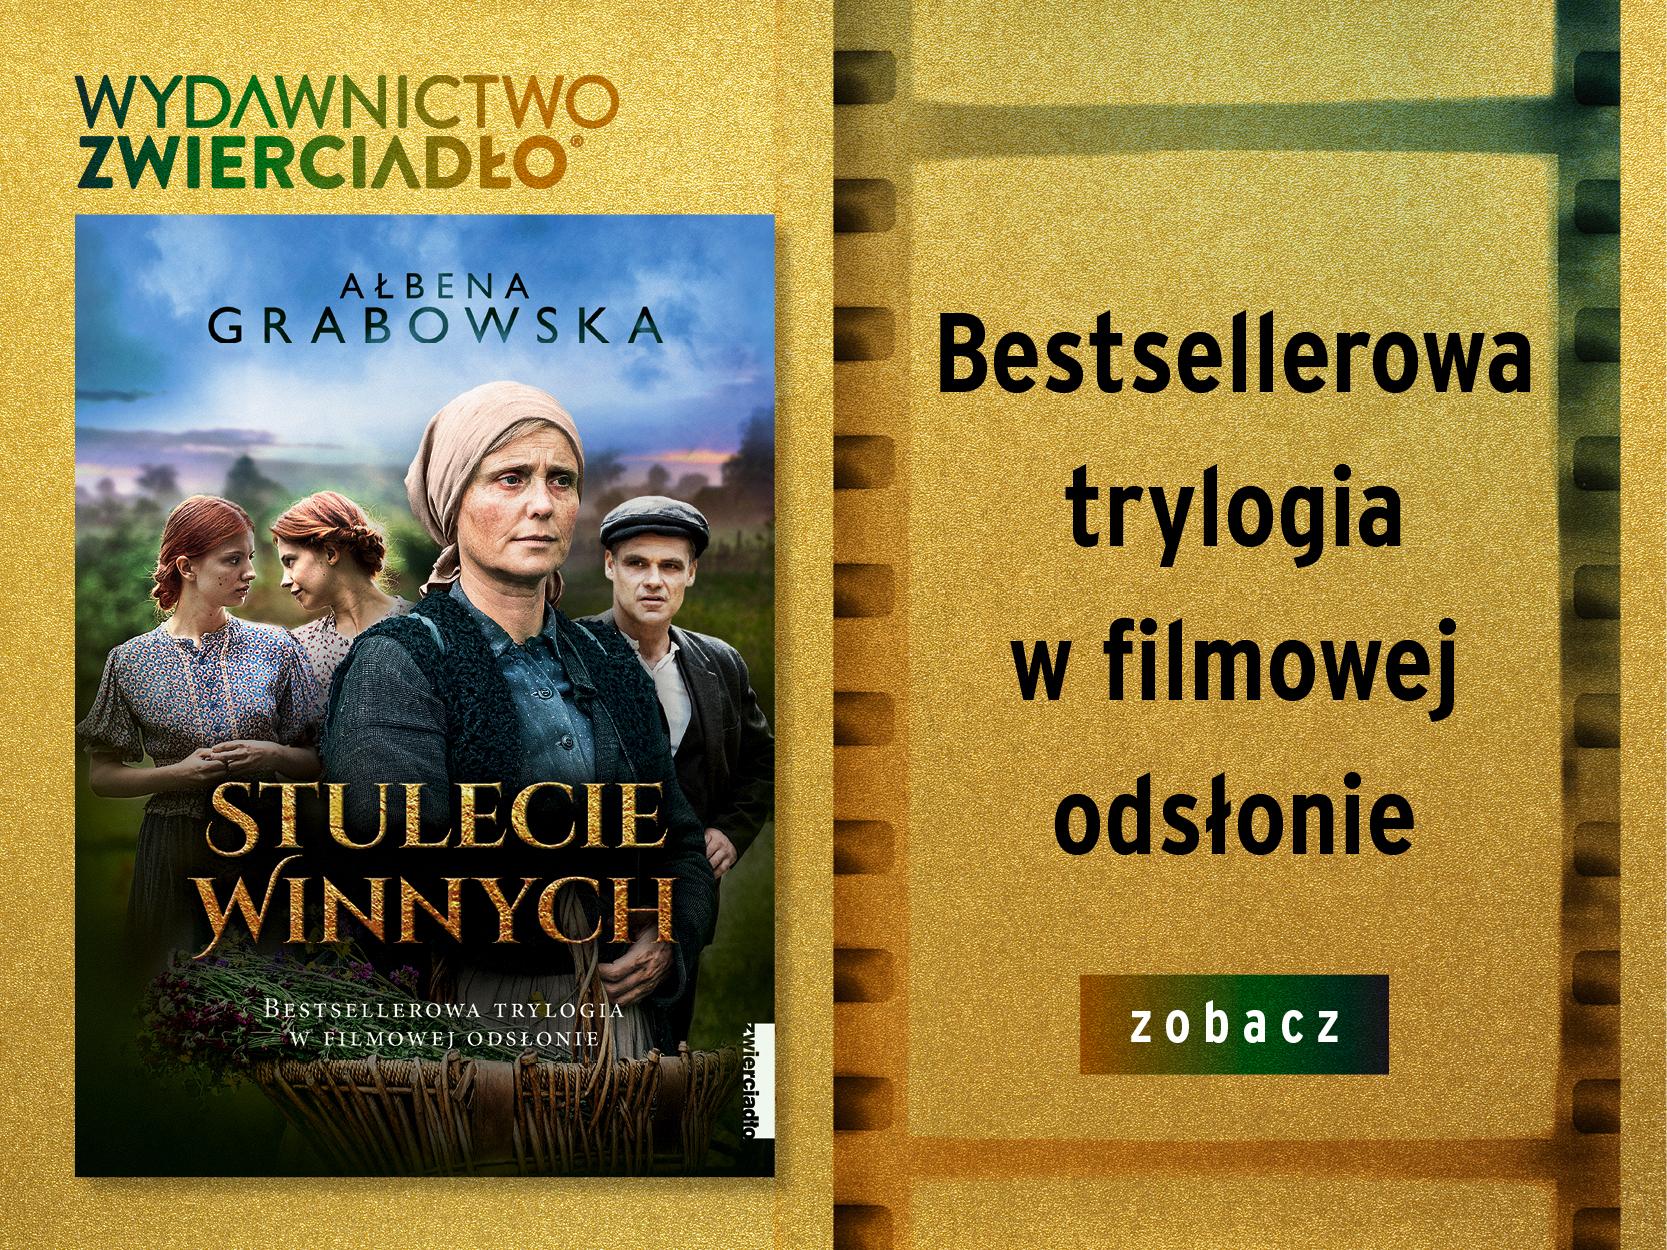 Bestsellerowe Stulecie Winnych w filmowej odsłonie